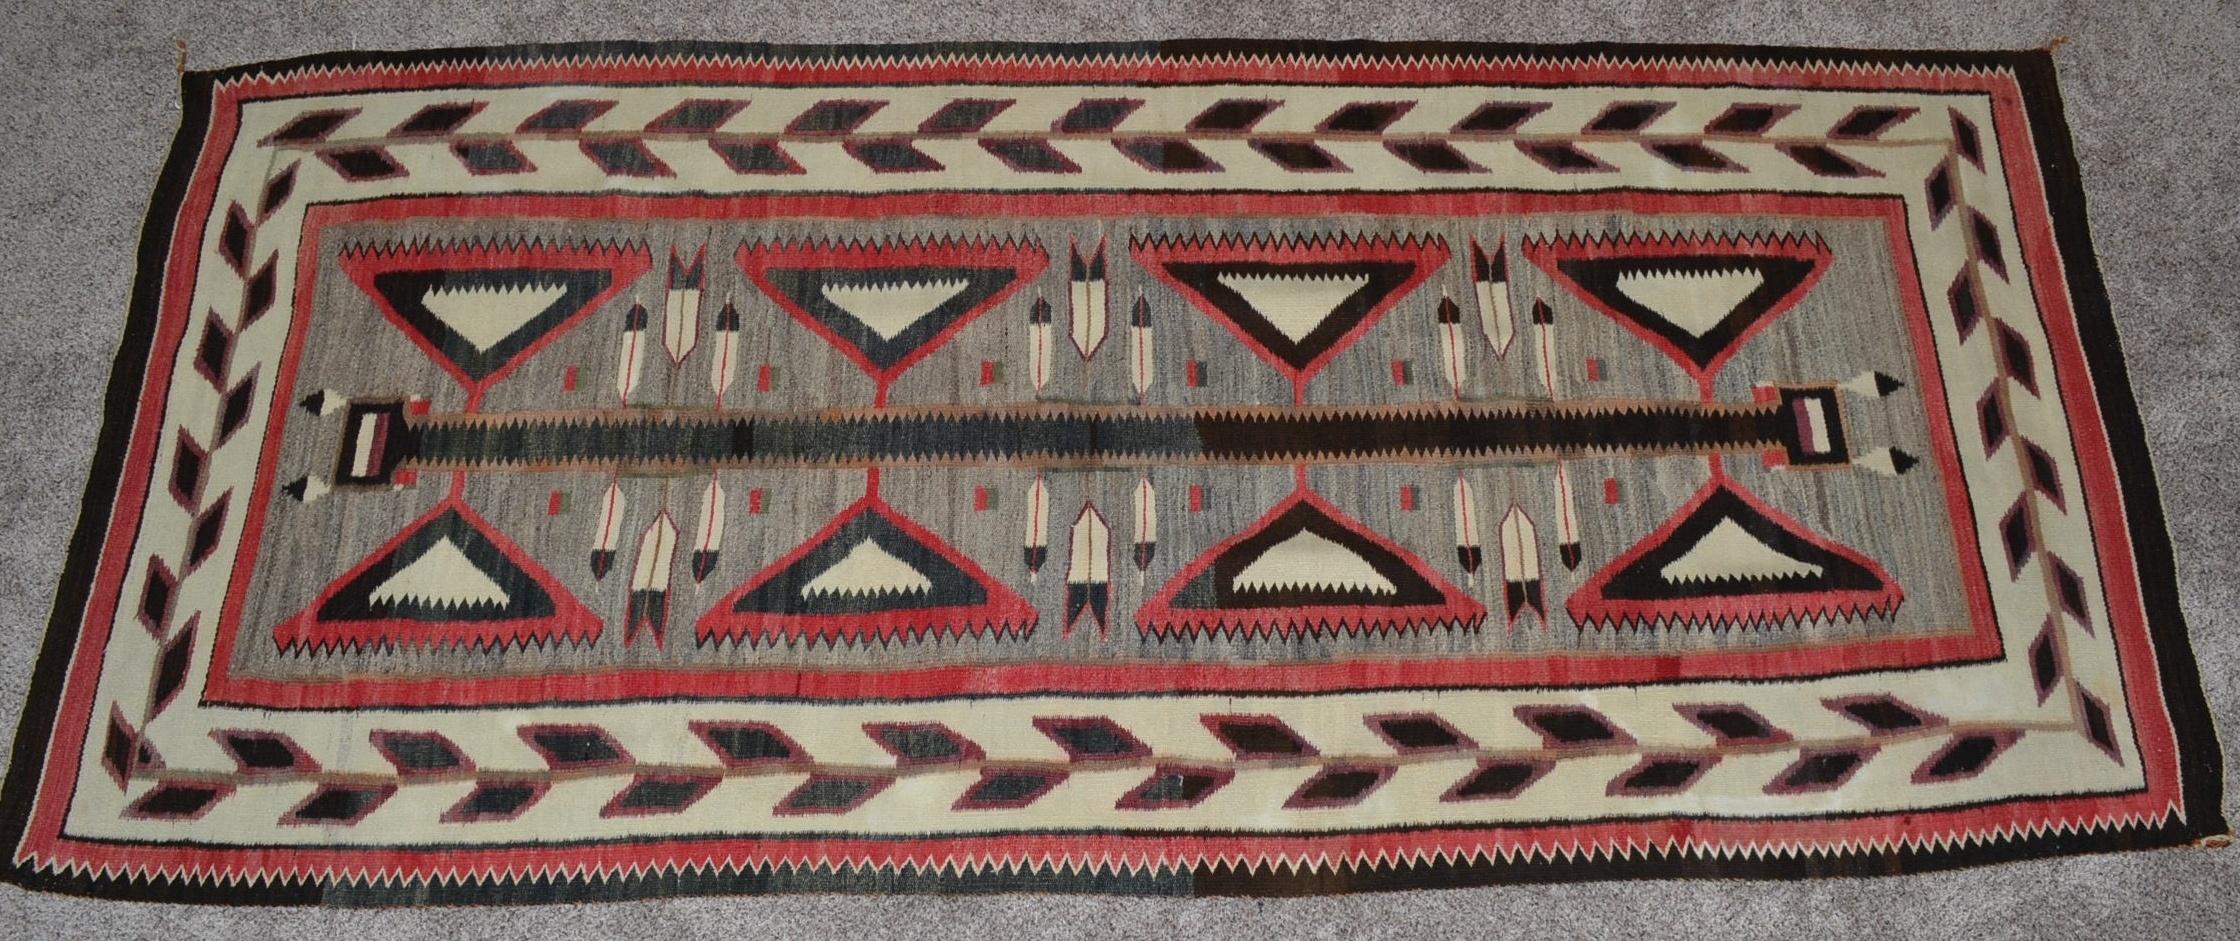 Native American Red Mesa Teec Nos Pos Rug Circa 1910 1920 Bew 897